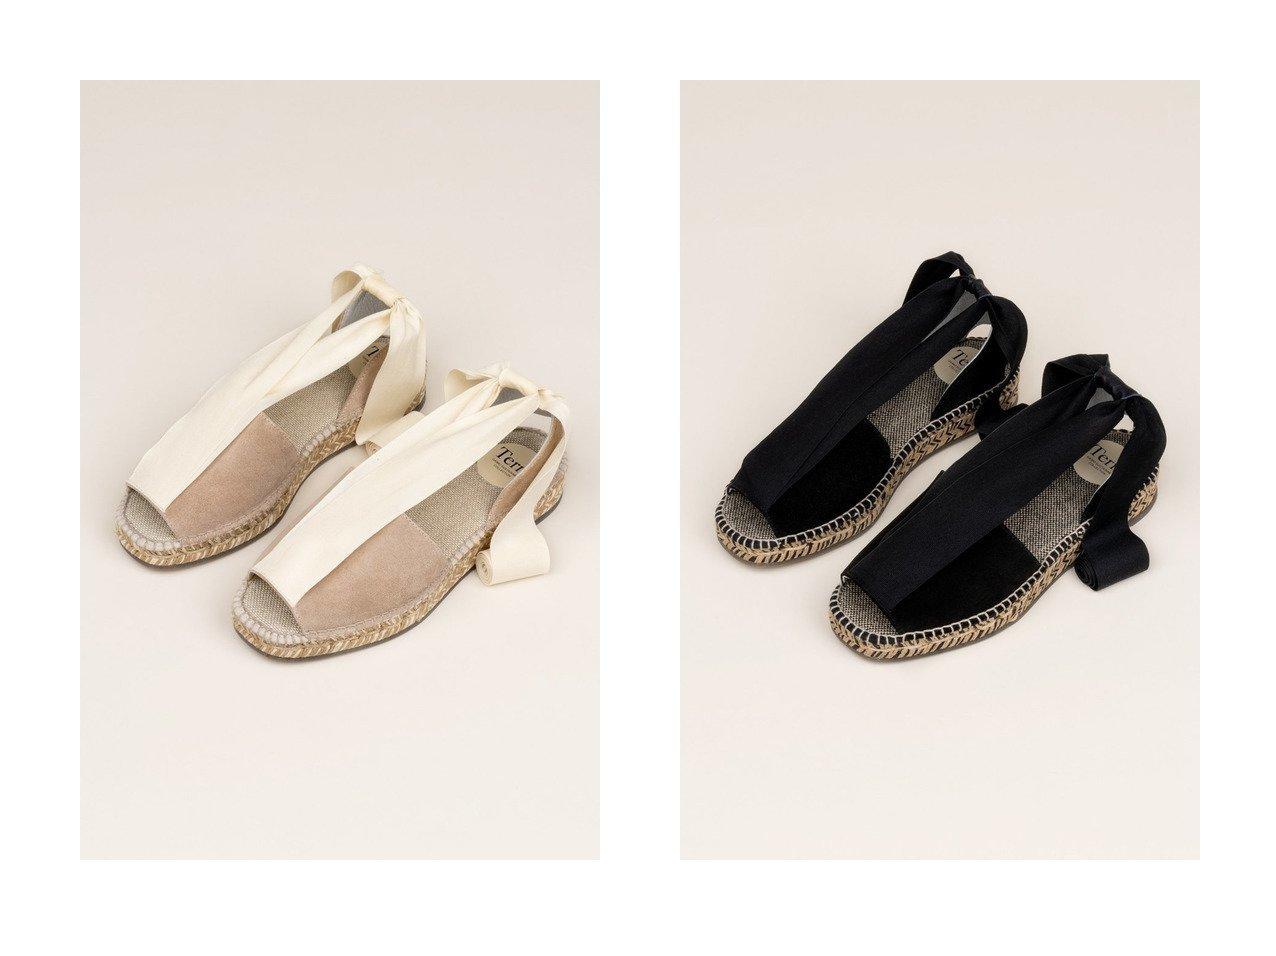 【Esmeralda/エスメラルダ】の【Gaimo】レース厚底ジュートサンダル 【シューズ・靴】おすすめ!人気、トレンド・レディースファッションの通販 おすすめで人気の流行・トレンド、ファッションの通販商品 インテリア・家具・メンズファッション・キッズファッション・レディースファッション・服の通販 founy(ファニー) https://founy.com/ ファッション Fashion レディースファッション WOMEN サンダル ジュート レース 厚底  ID:crp329100000045152